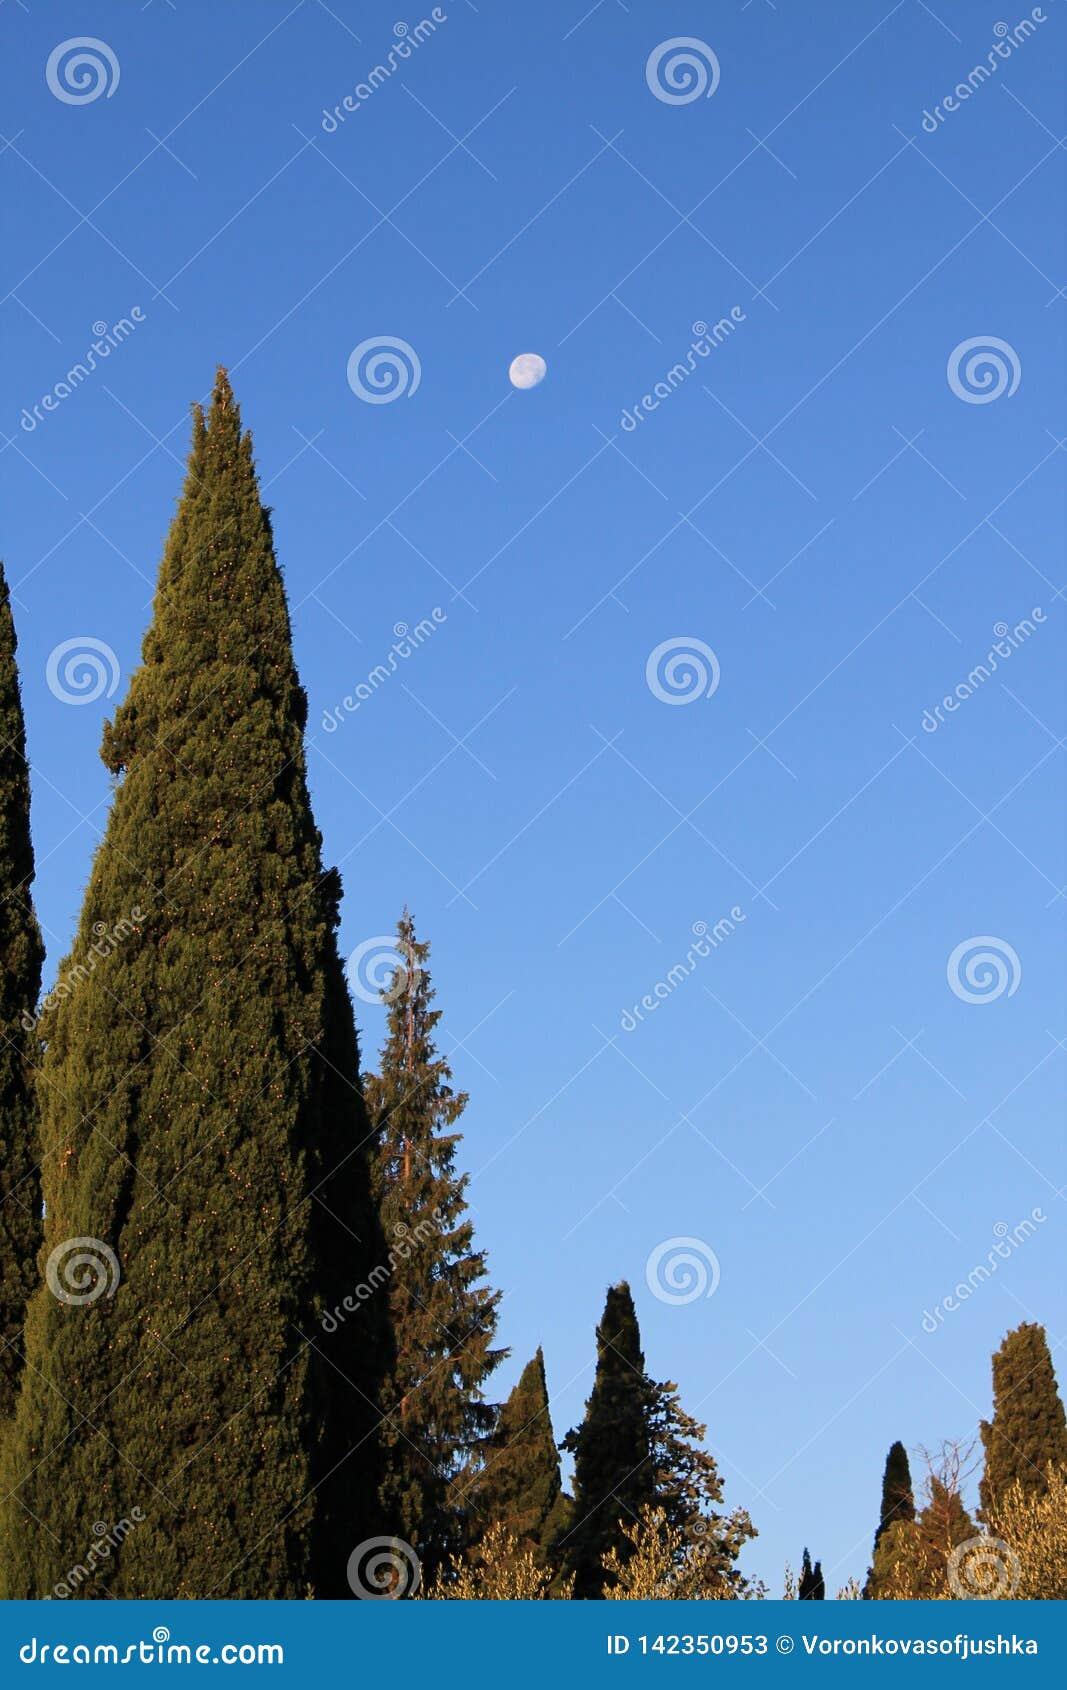 Ochtendmaan in de blauwe hemel tegen de achtergrond van hoge cipressen